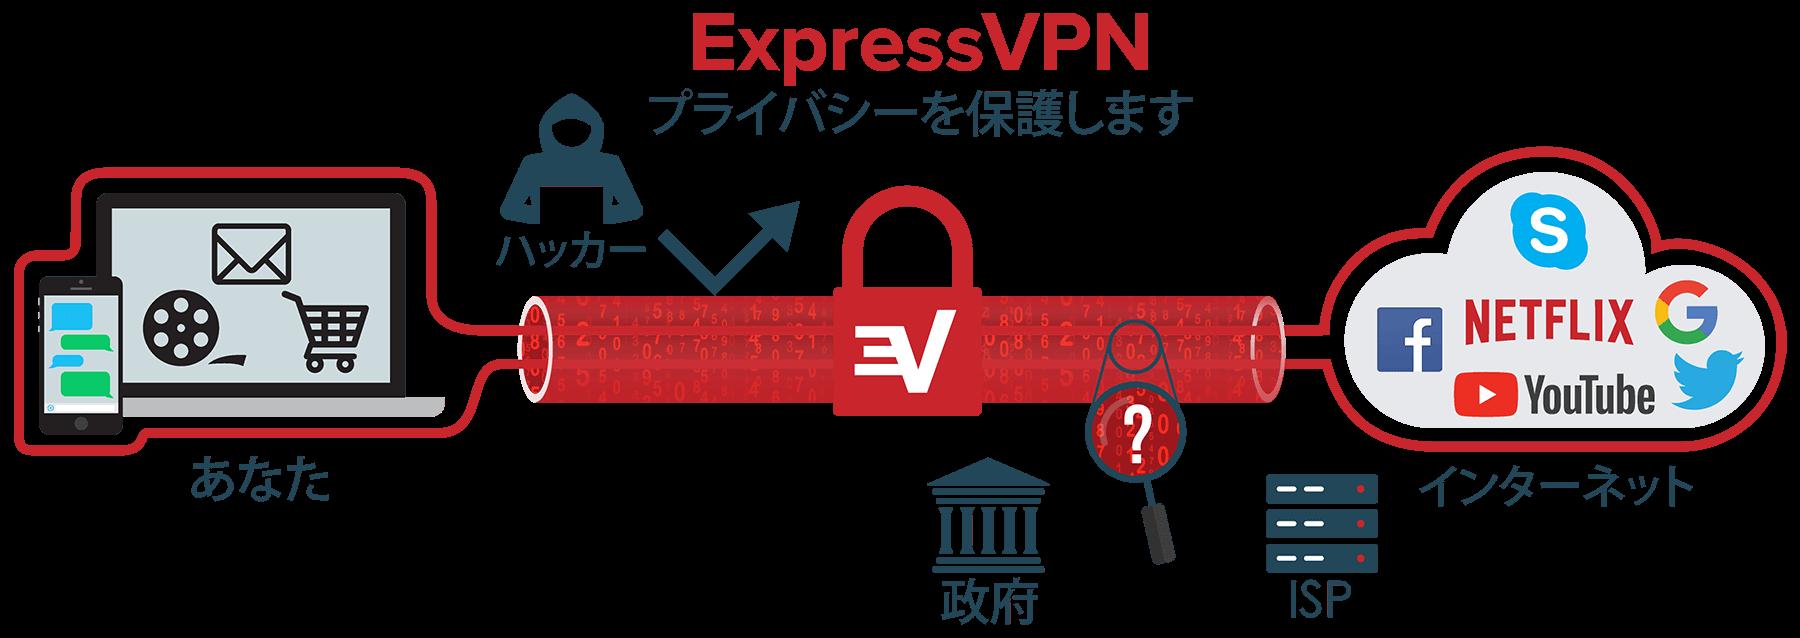 VPN接続は、ご使用のデバイスとインターネットの間のプライベートなトンネルです。